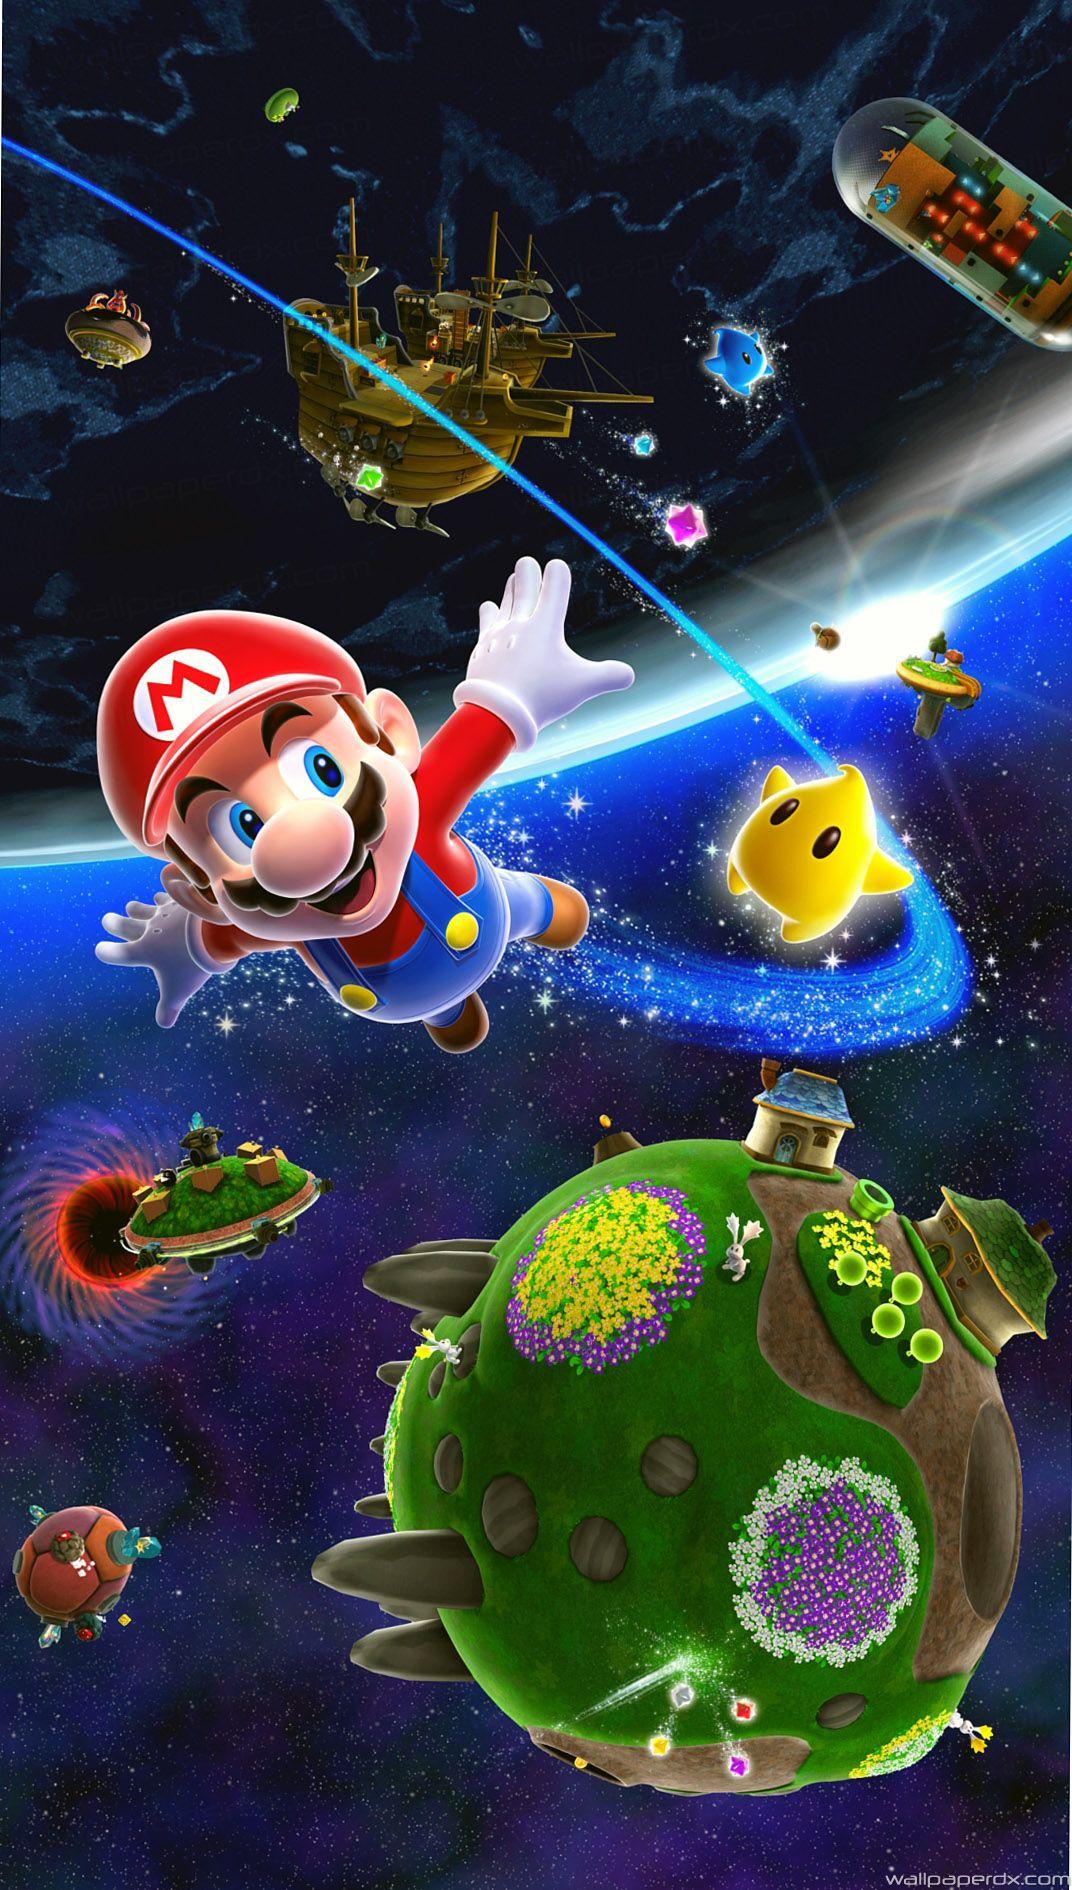 Pin De Javier En Super Mario Bros Fondos De Pantalla De Juegos Mejores Fondos De Pantalla De Videojuegos Fondos De Mario Bros